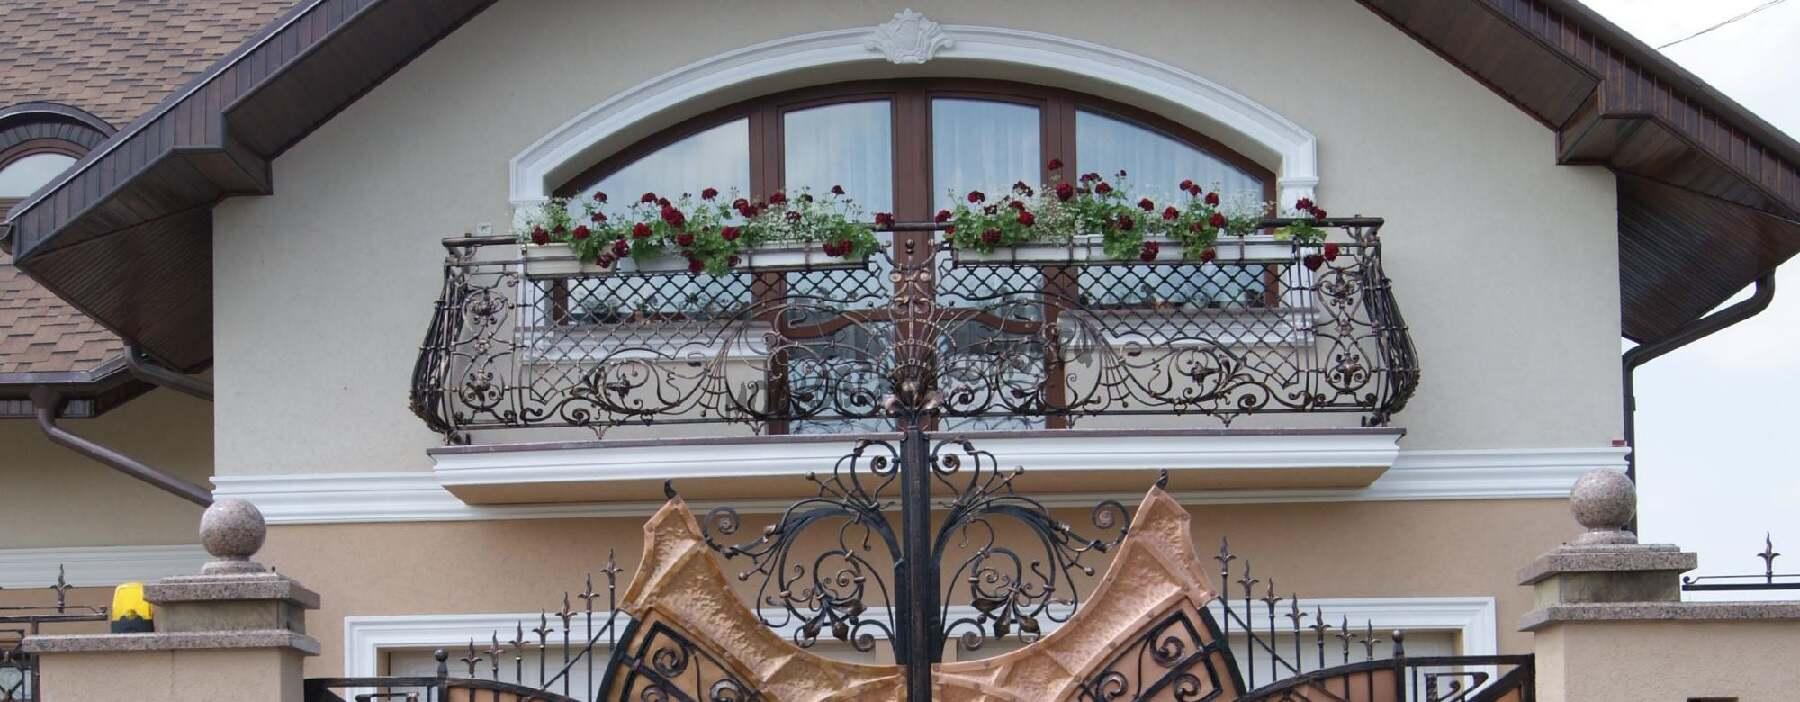 Престижные кованые ограждения с цветочницами АРТИКУЛ КБ 075